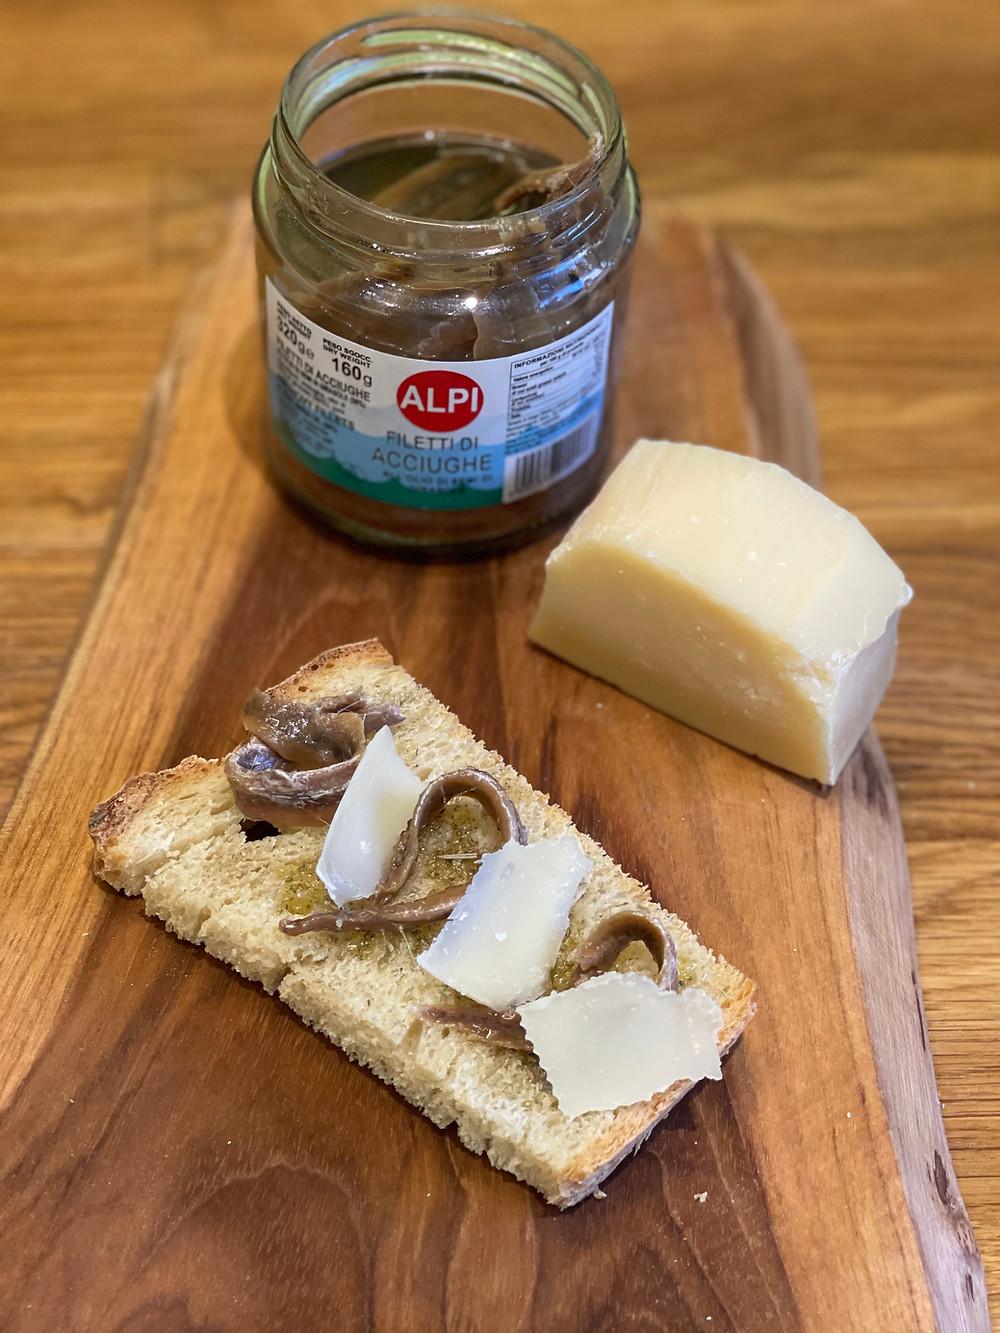 Bruschetta à l'huile d'olive et aux anchois et parmesan by Agridistribution